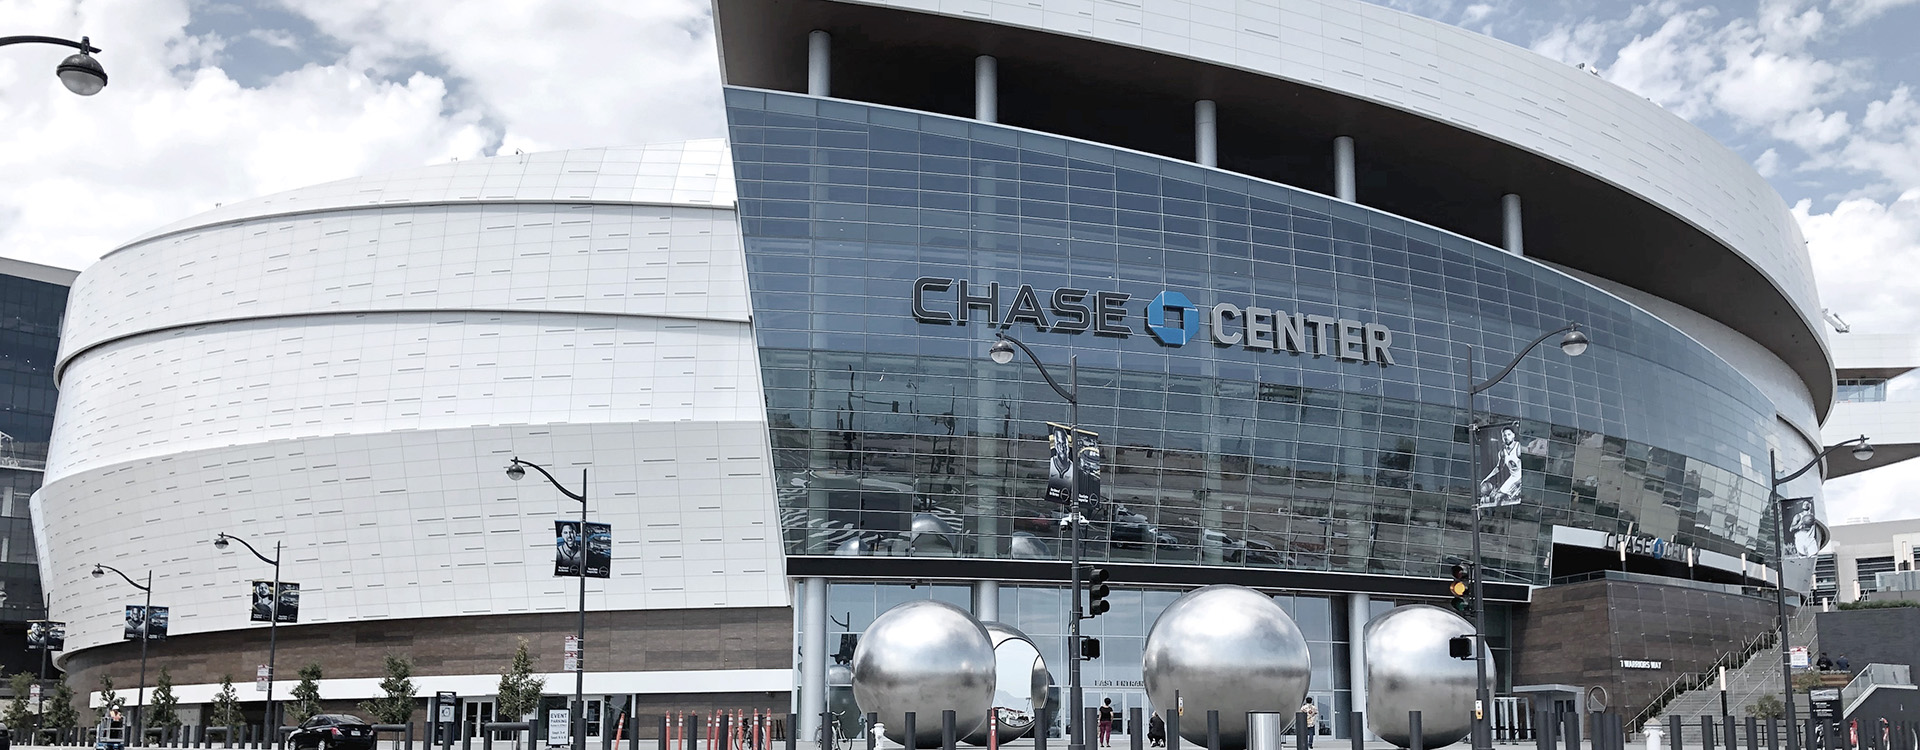 NBA, i Golden State Warriors si trasferiscono nel Chase Center